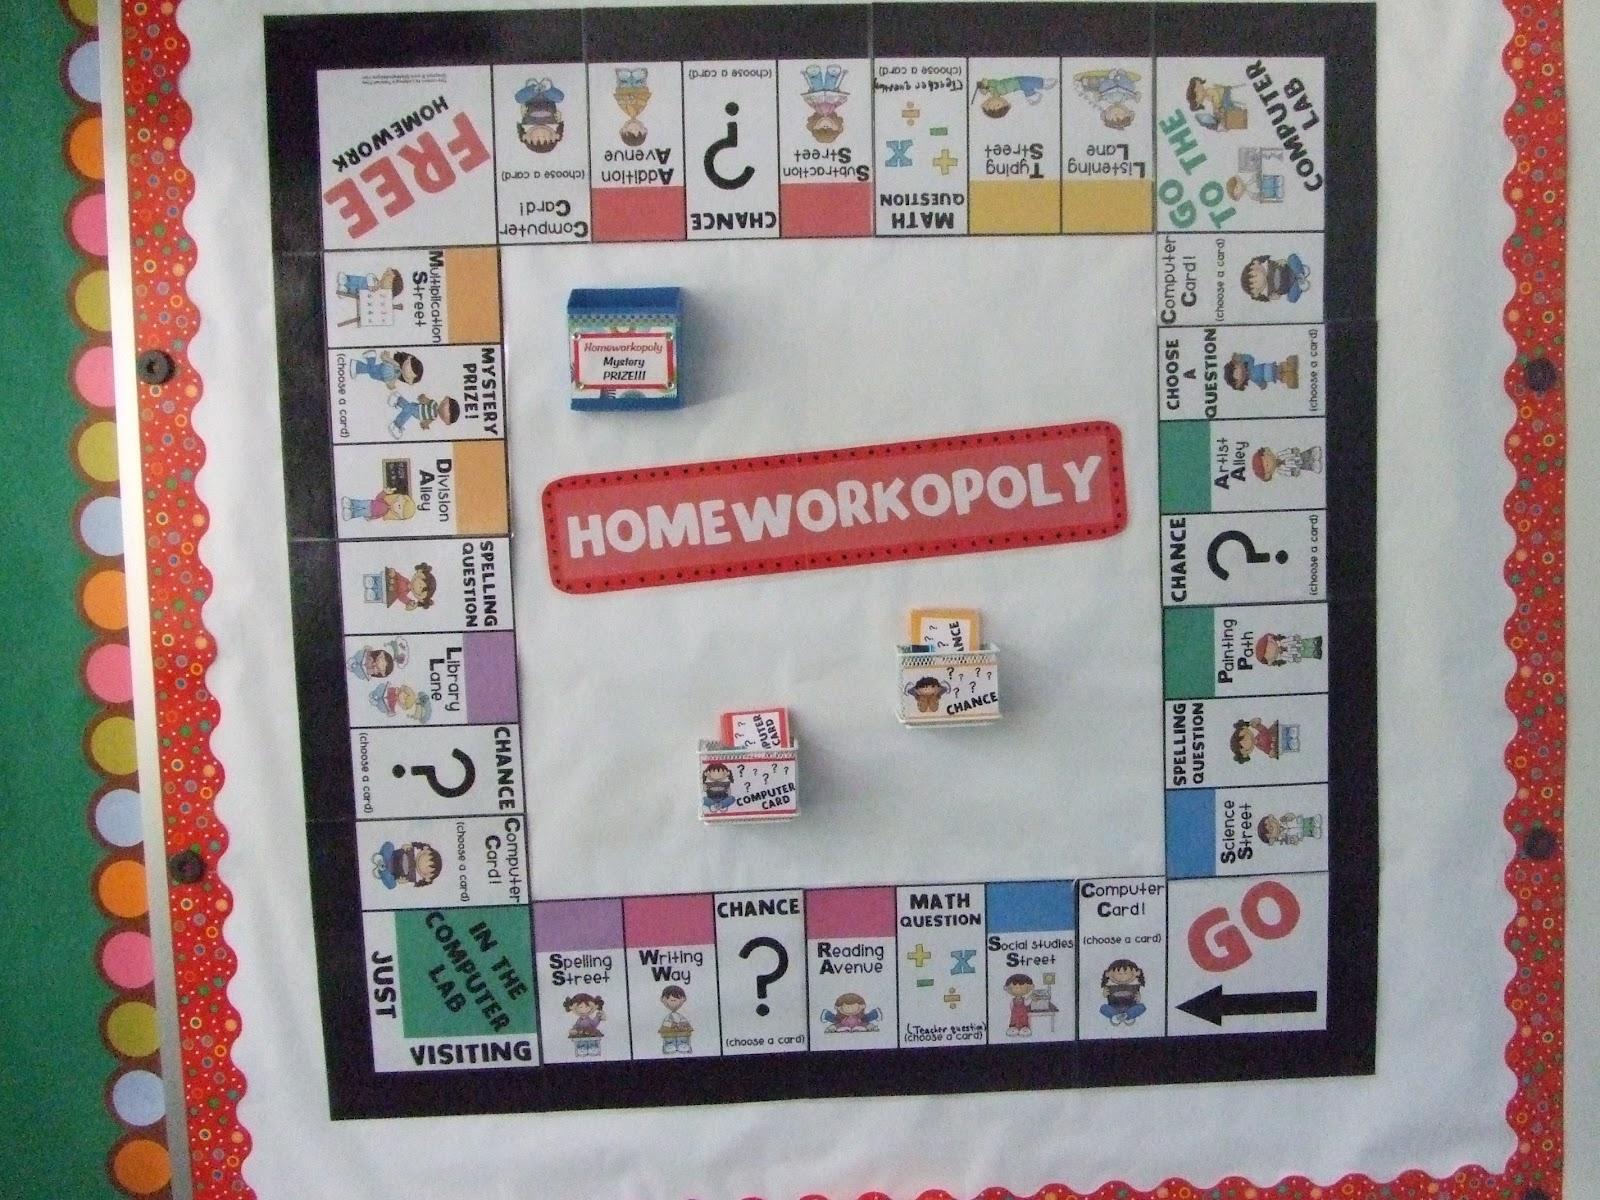 Buy homeworkopoly